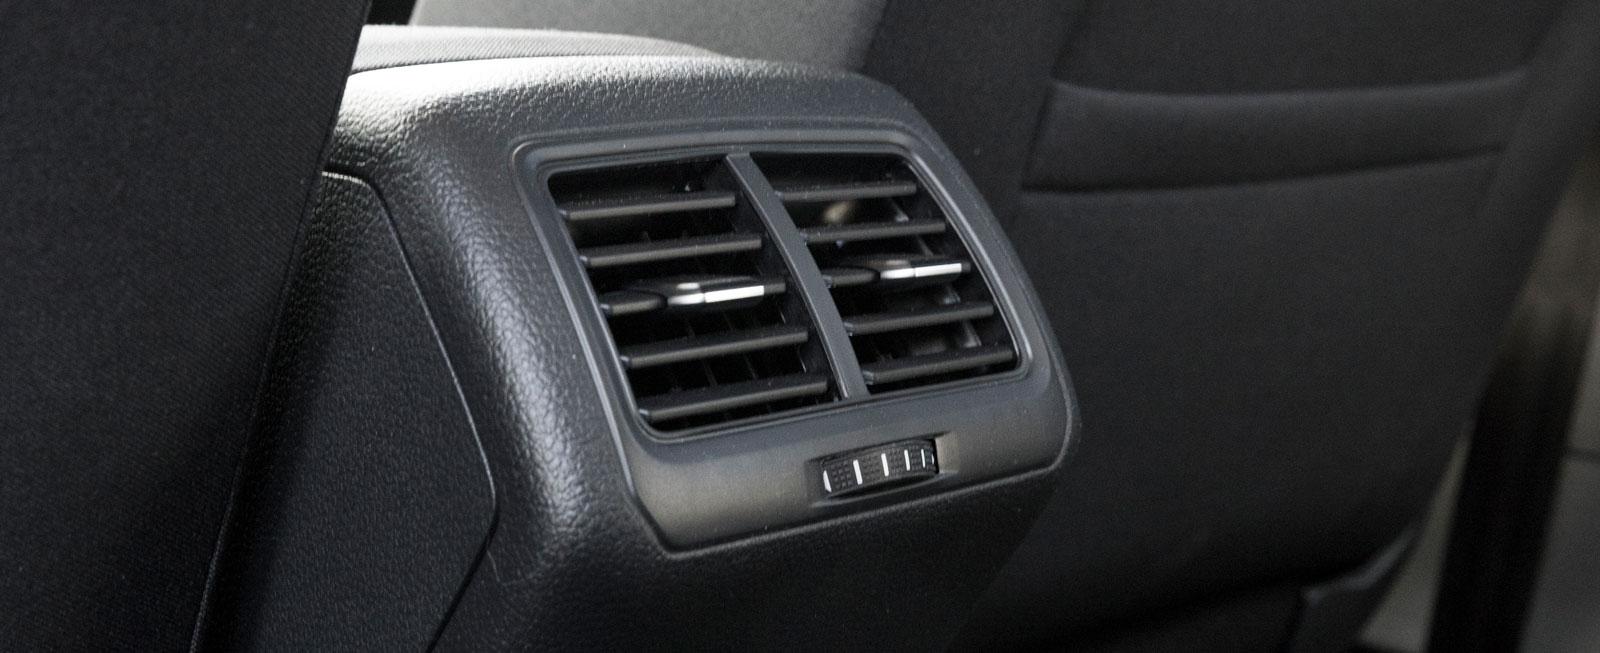 Reglerbar ventilation för passagerarna i baksätet finns bara i Golf.